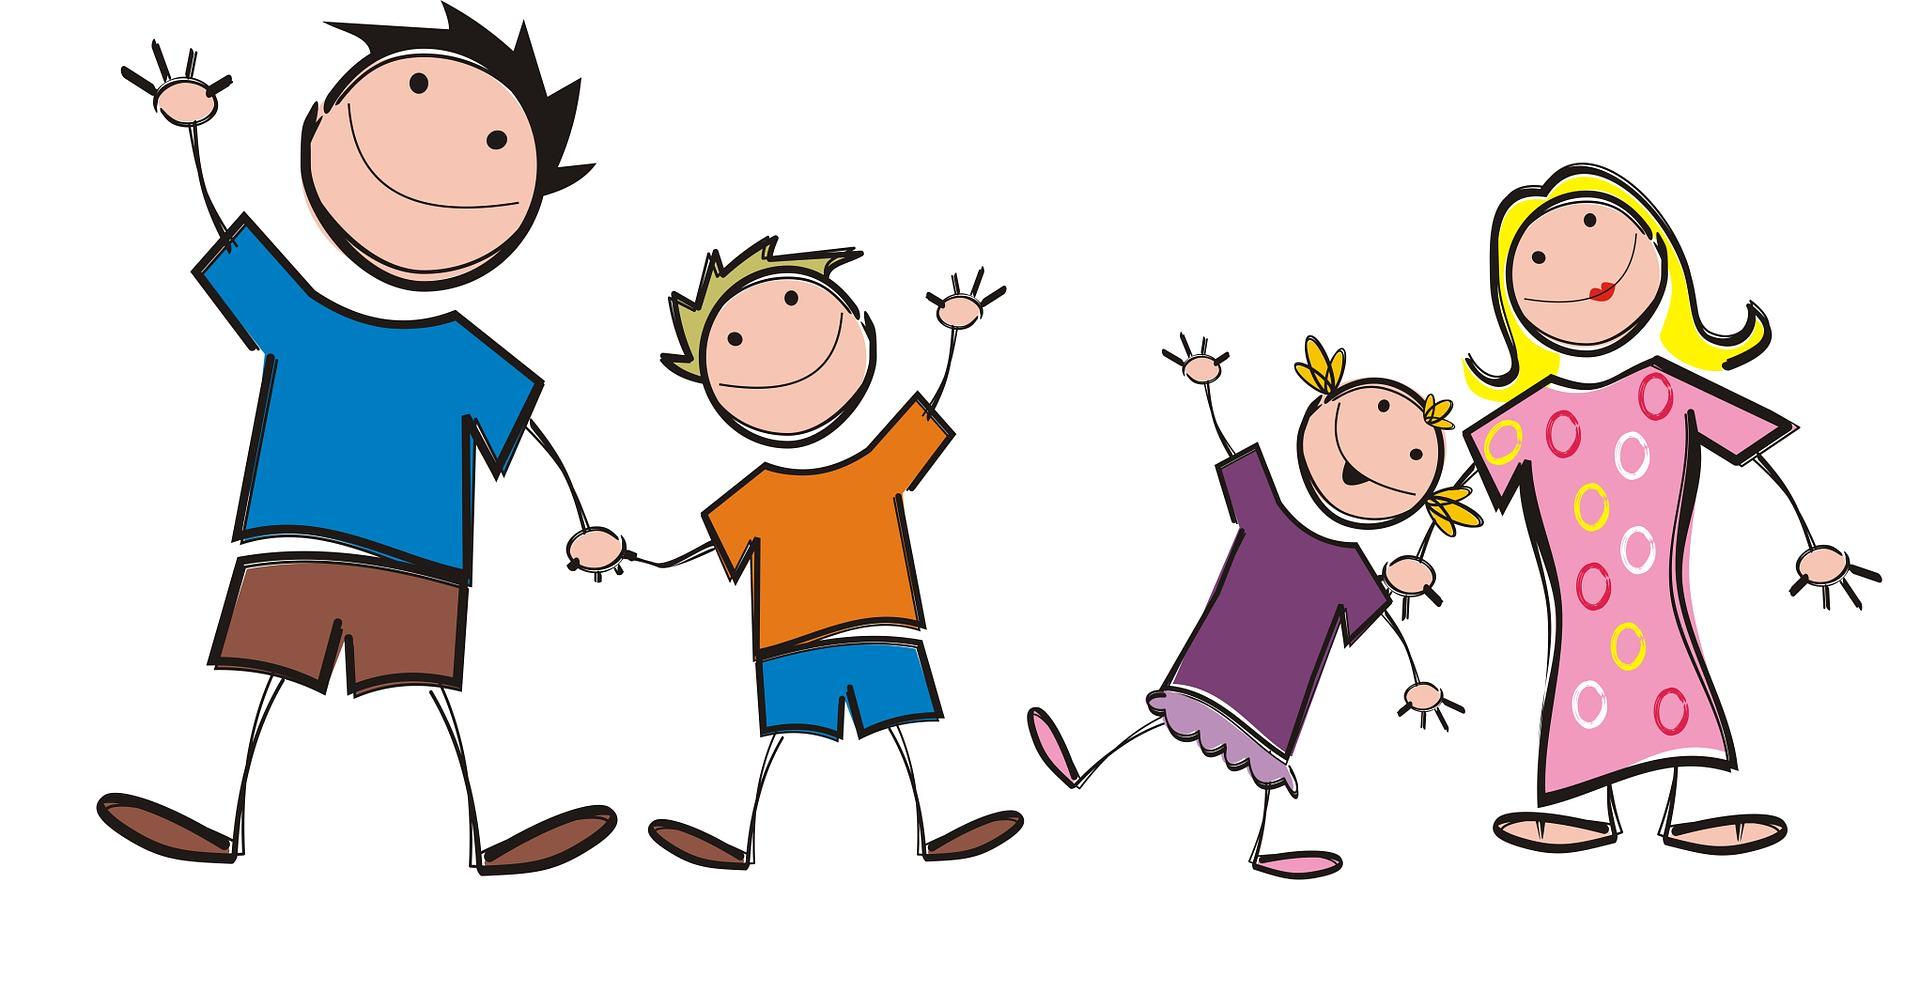 Eltern kind clipart image Musikzwerge (Eltern-Kind-Musik) | JMS image